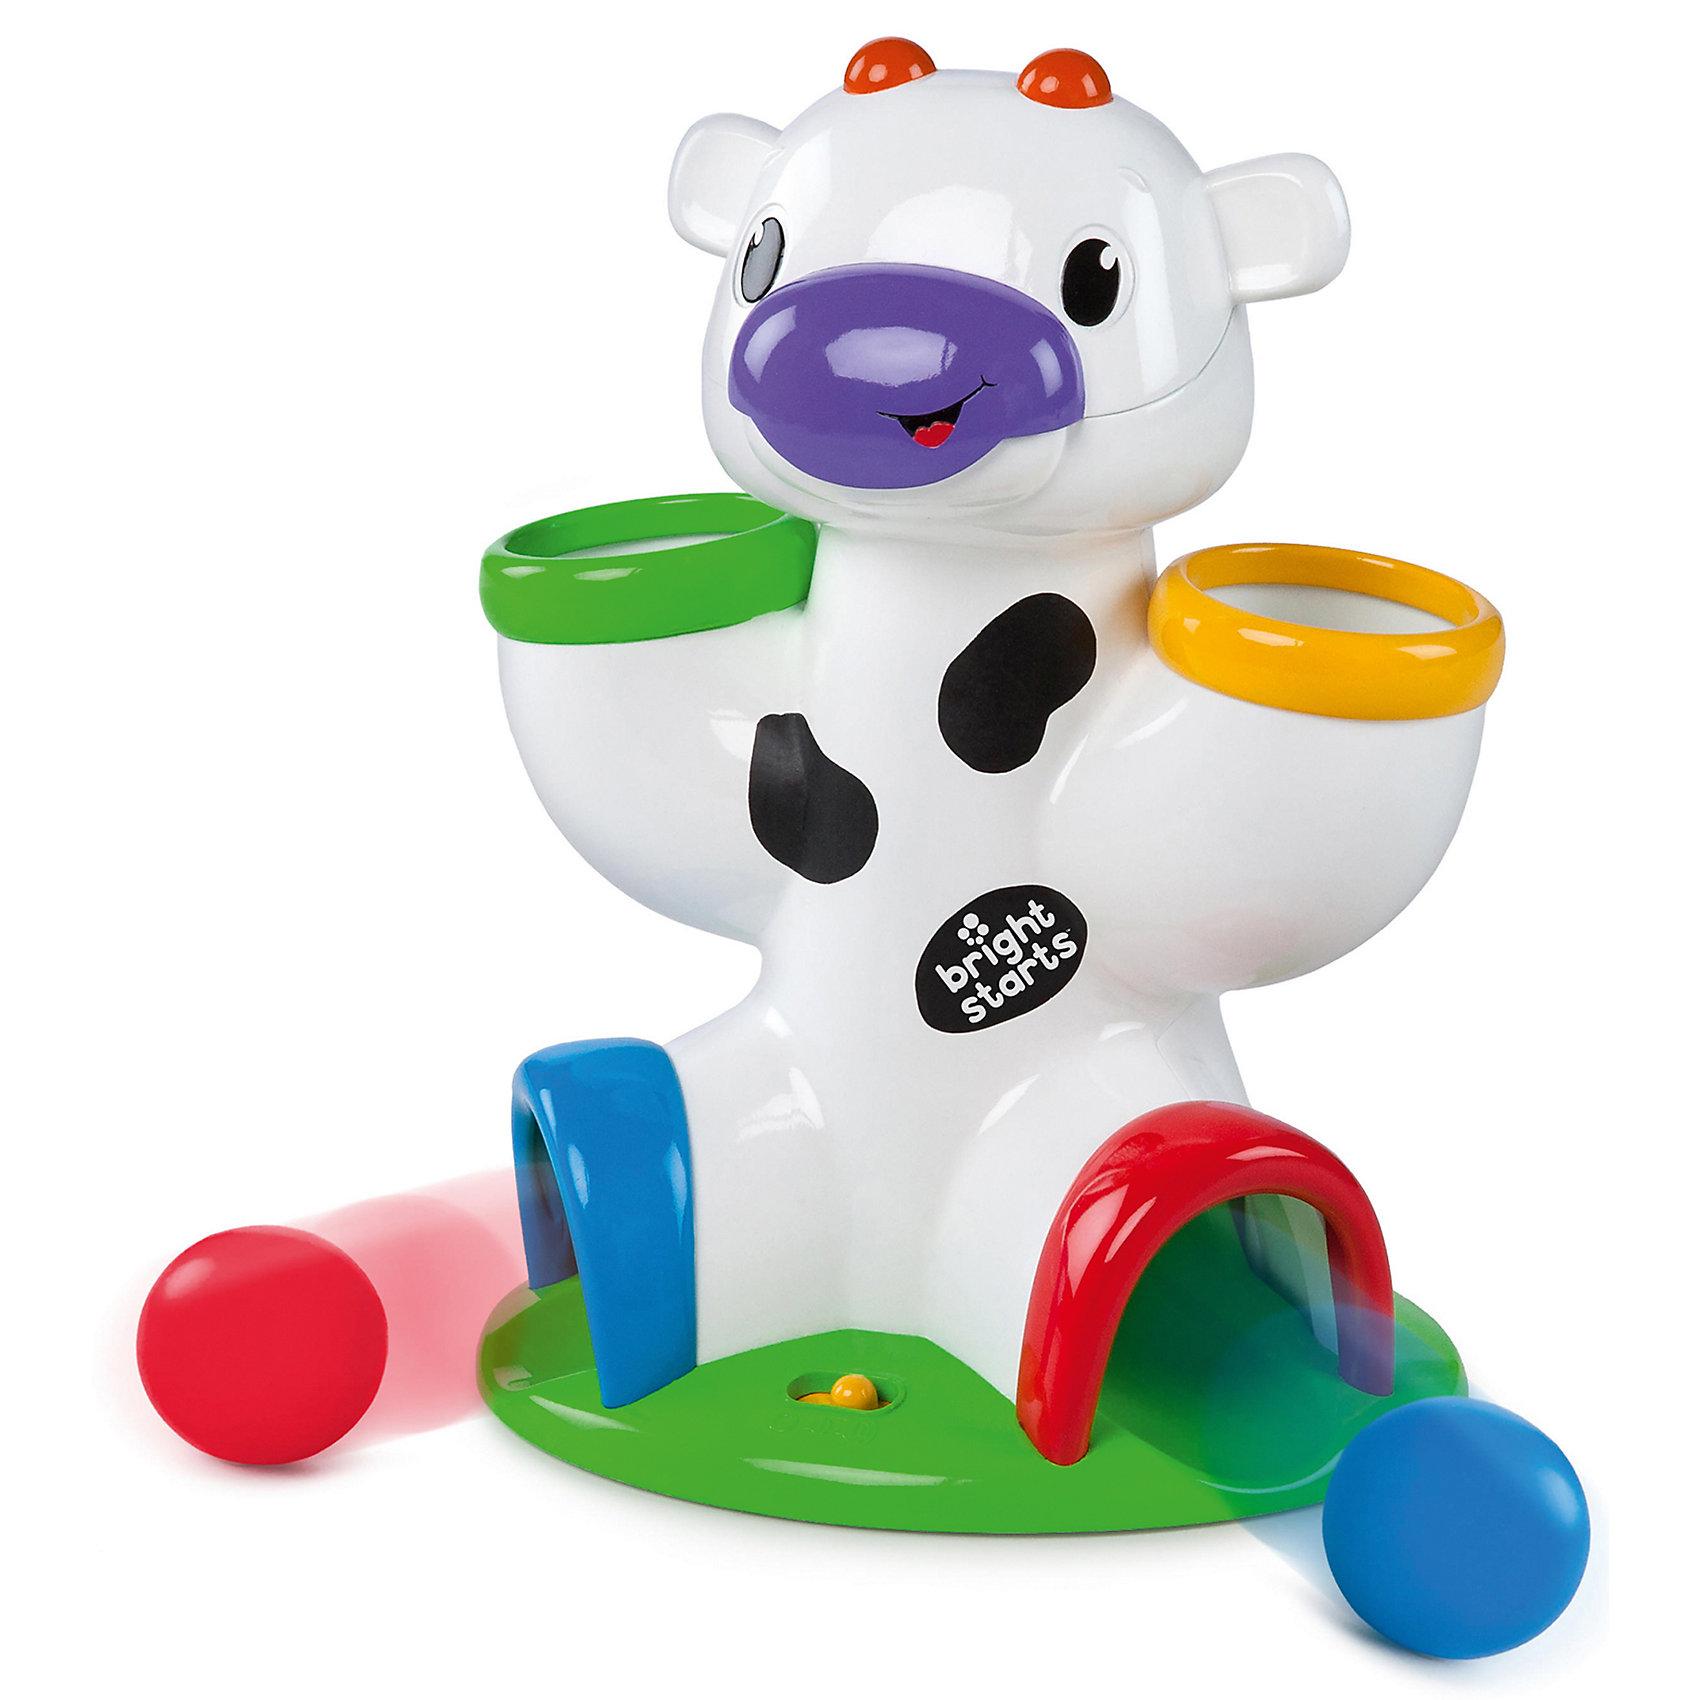 RU Развивающая игрушка Bright Starts «Веселая корова»Развивающие игрушки<br><br><br>Ширина мм: 339<br>Глубина мм: 218<br>Высота мм: 182<br>Вес г: 661<br>Возраст от месяцев: 6<br>Возраст до месяцев: 24<br>Пол: Унисекс<br>Возраст: Детский<br>SKU: 4585930